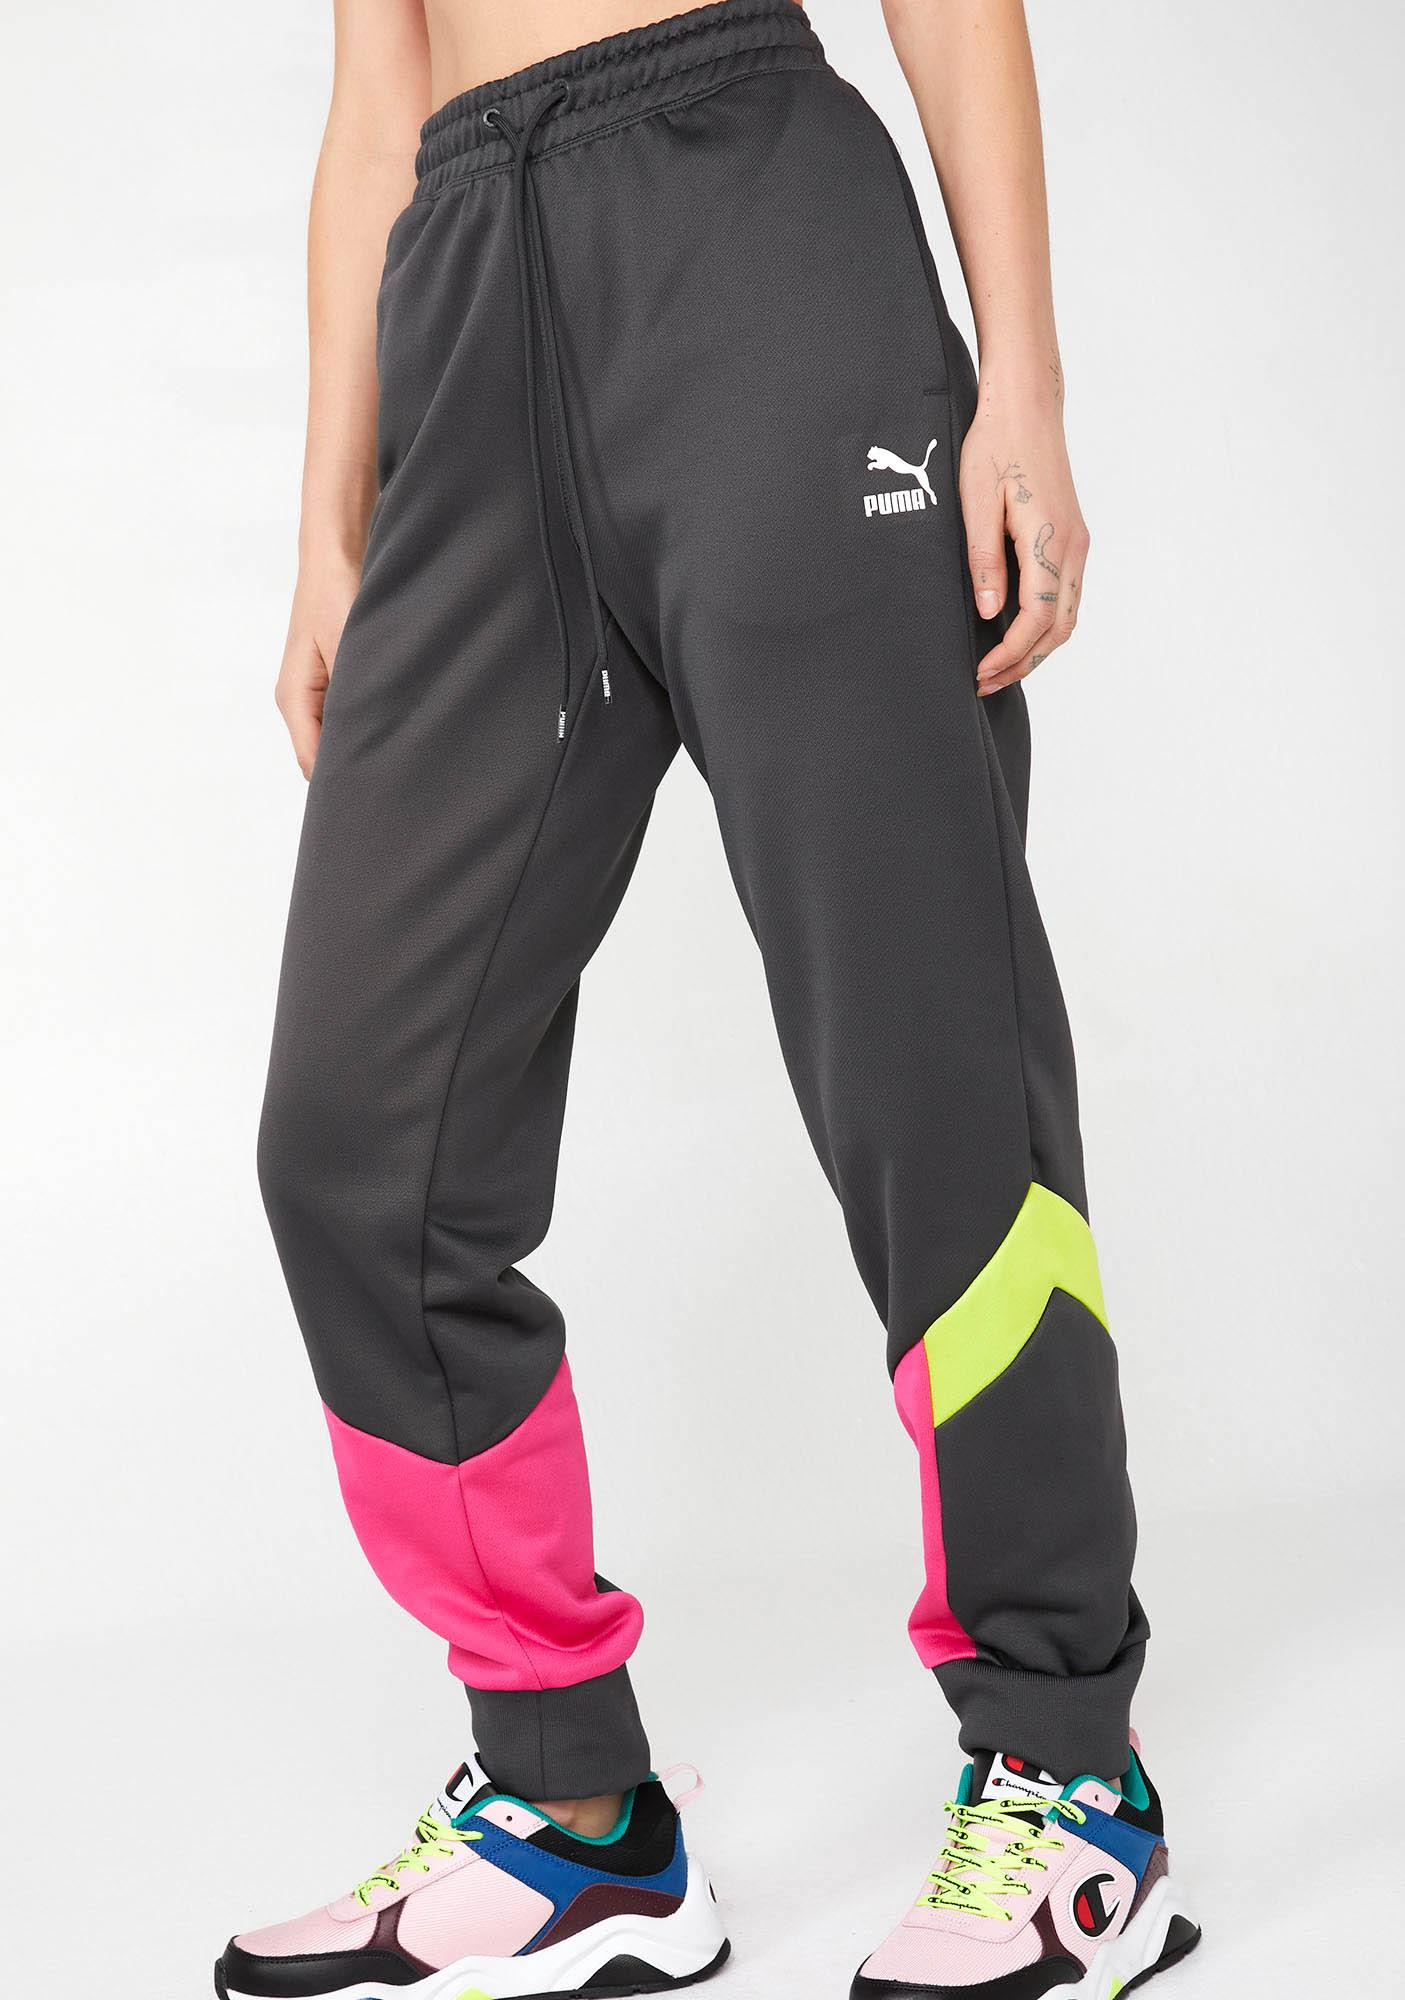 2ac2776bfdc2 PUMA Iconic MCS Track Pants